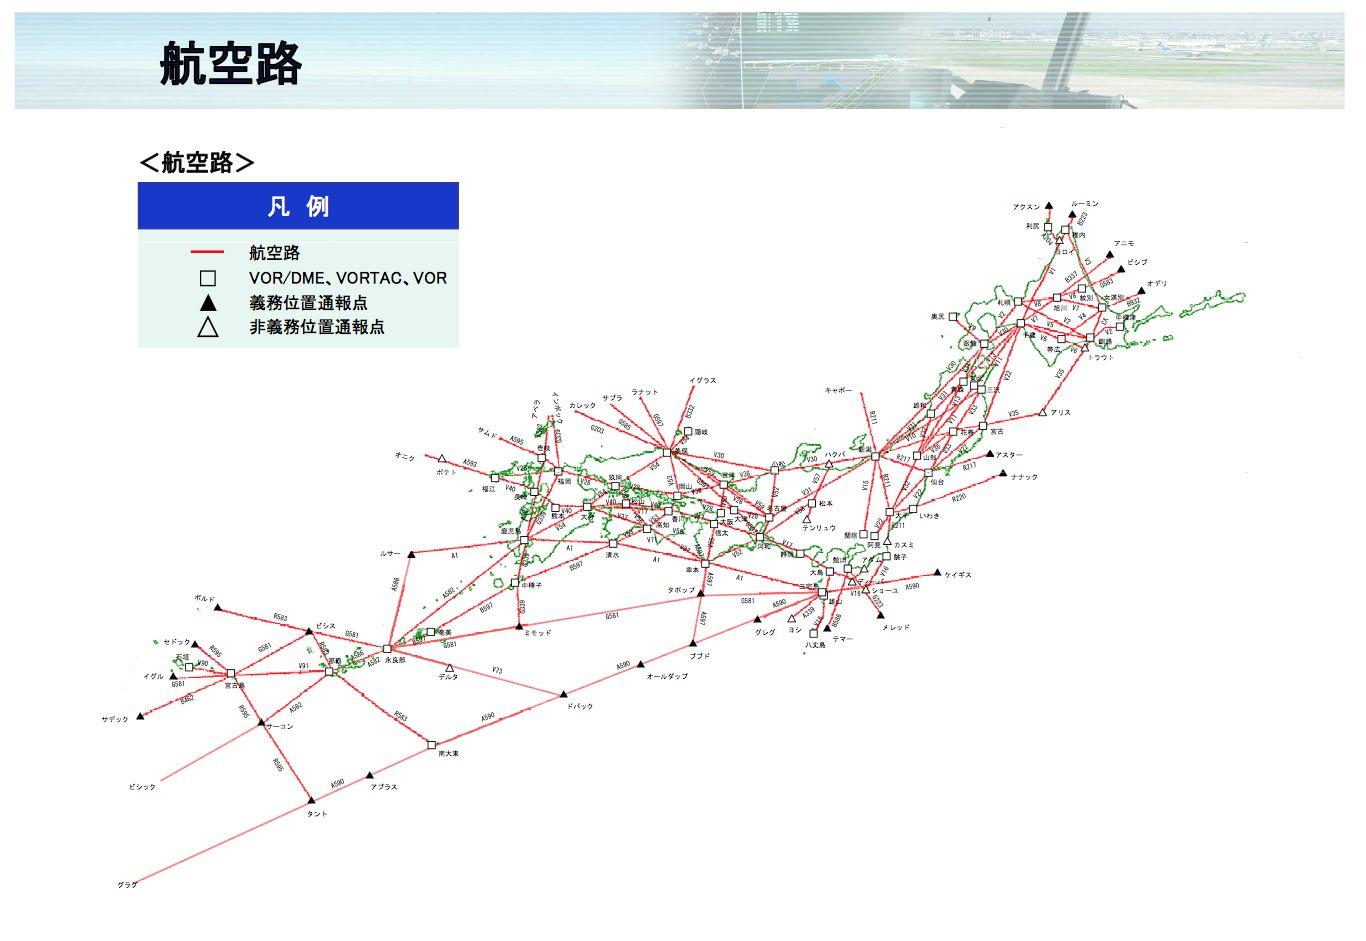 日本上空の航空路網